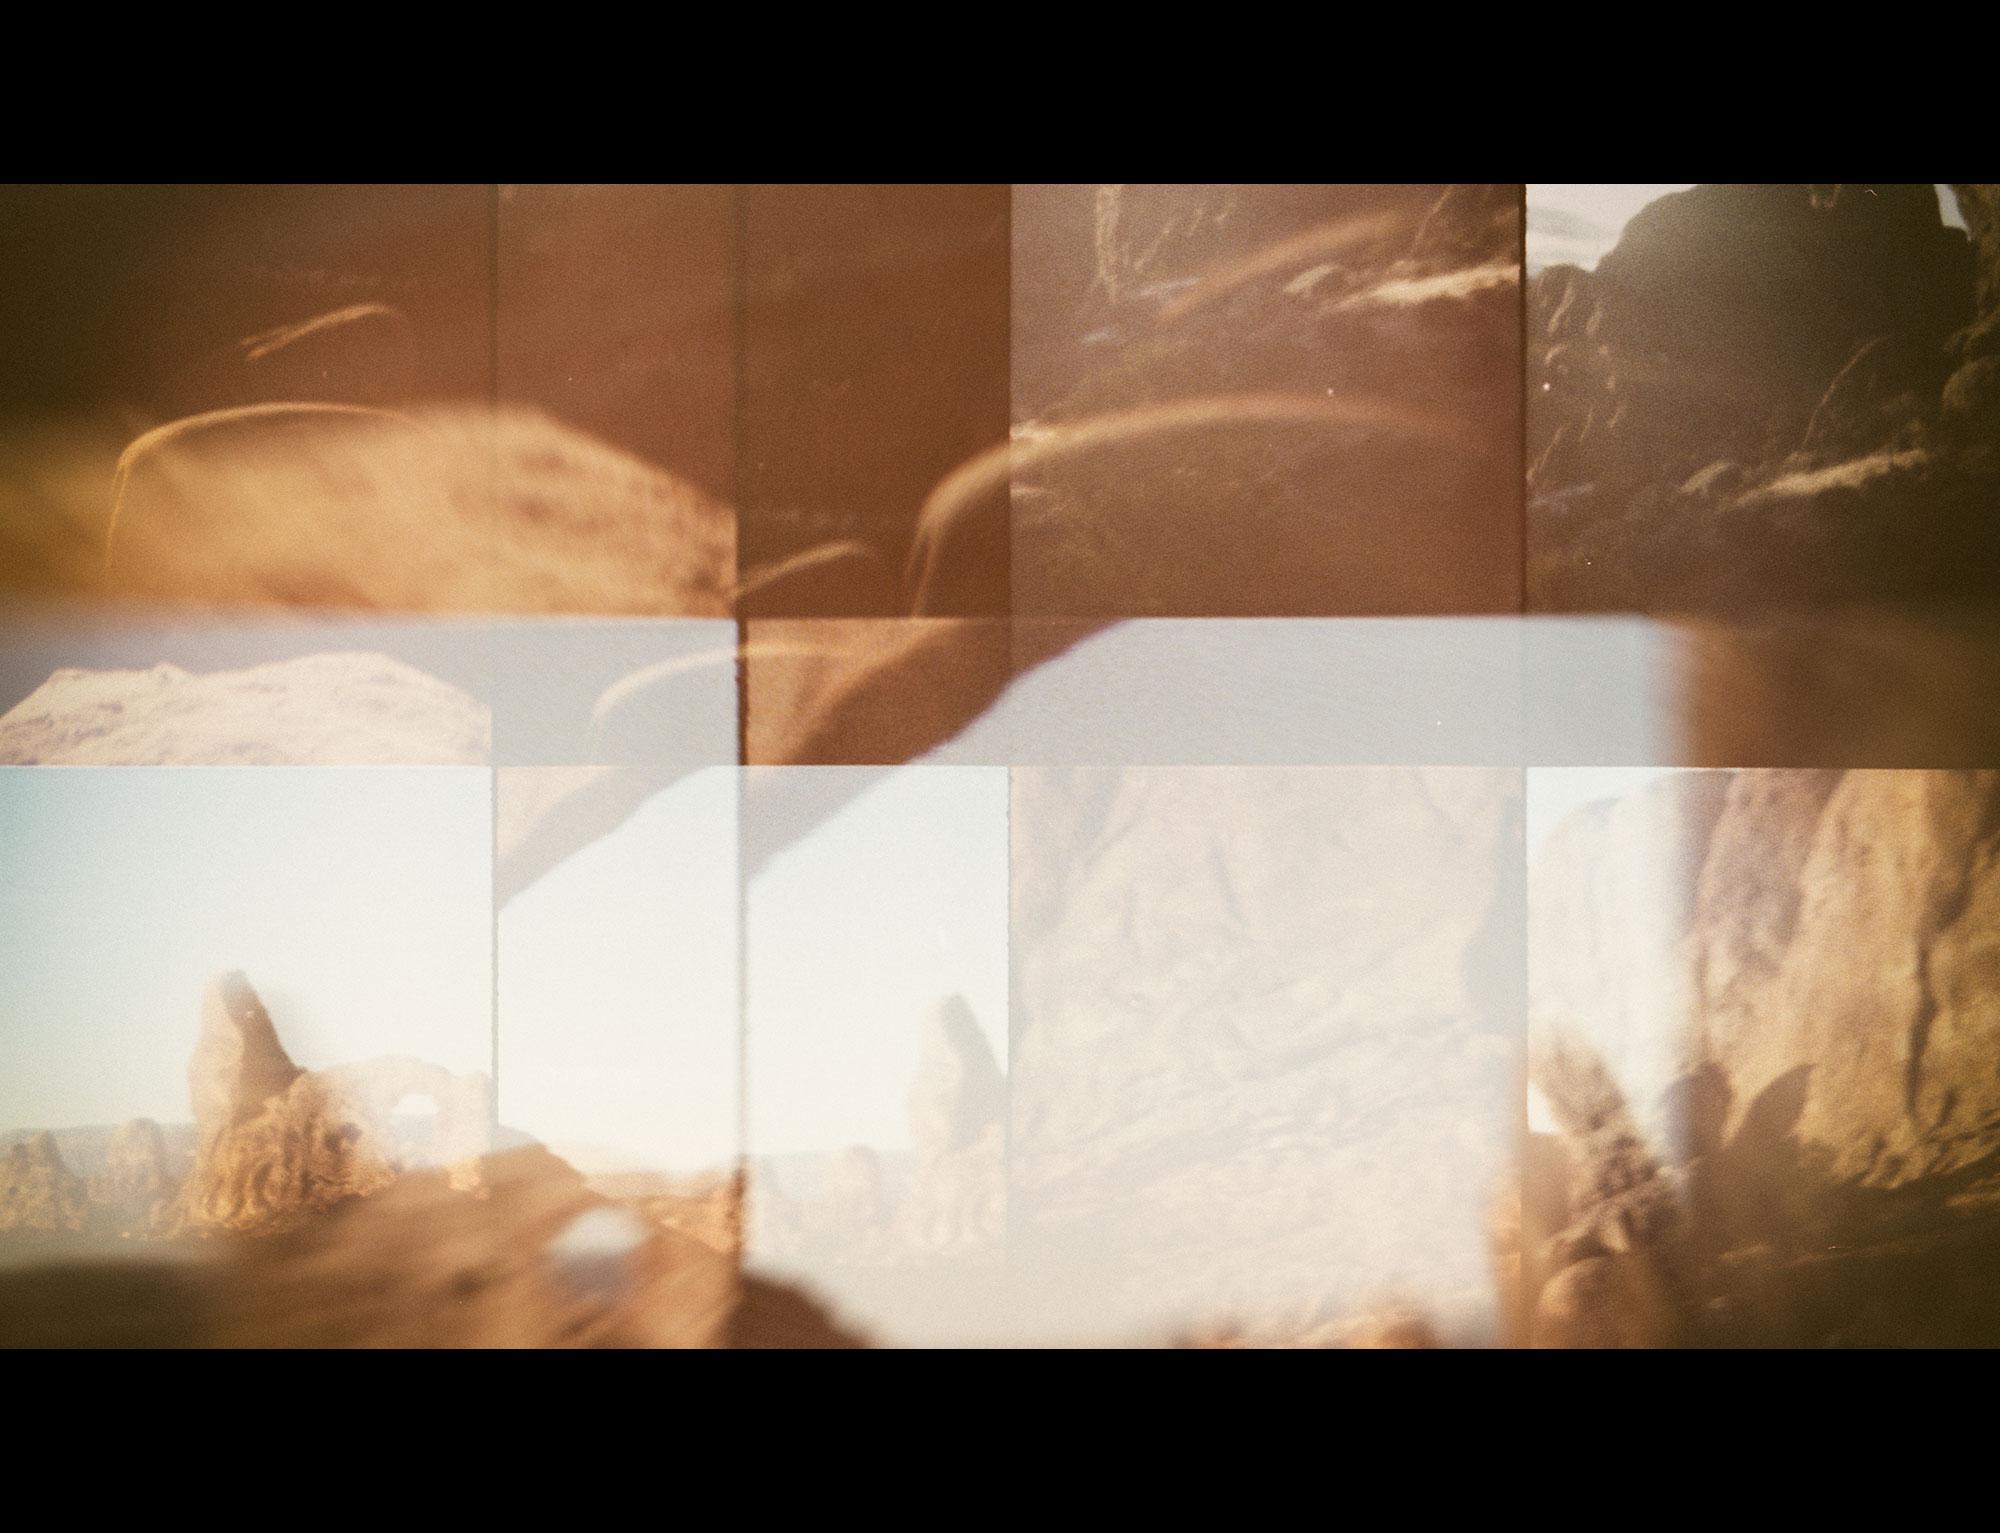 Octomatron of Sleepwalking #16